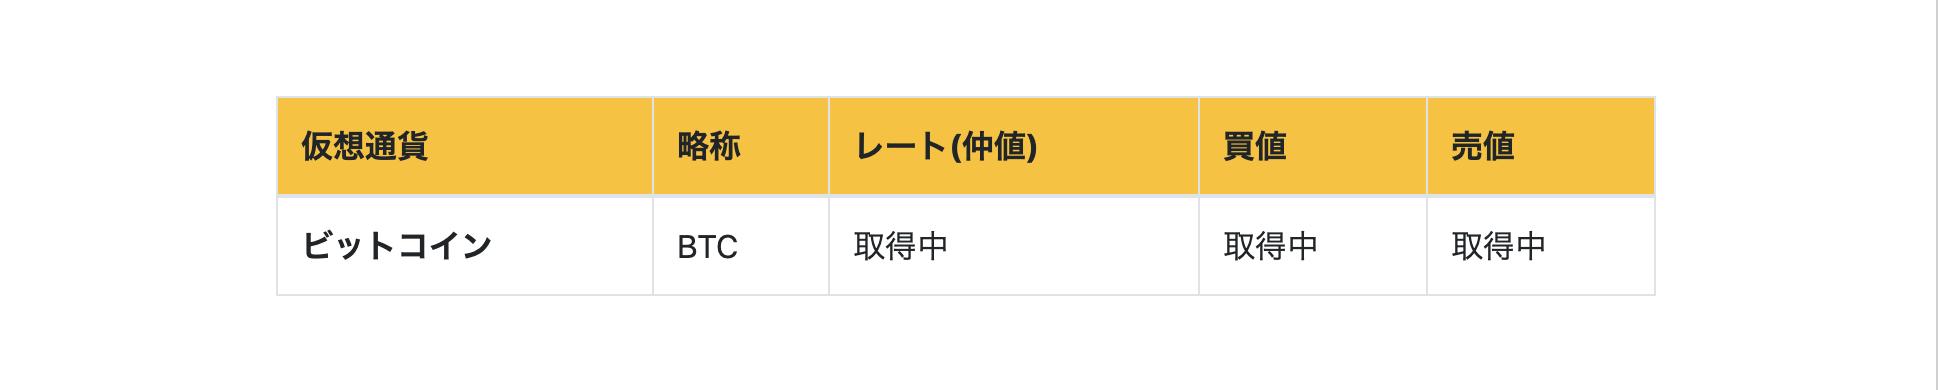 スクリーンショット 2019-07-06 15.59.39.png